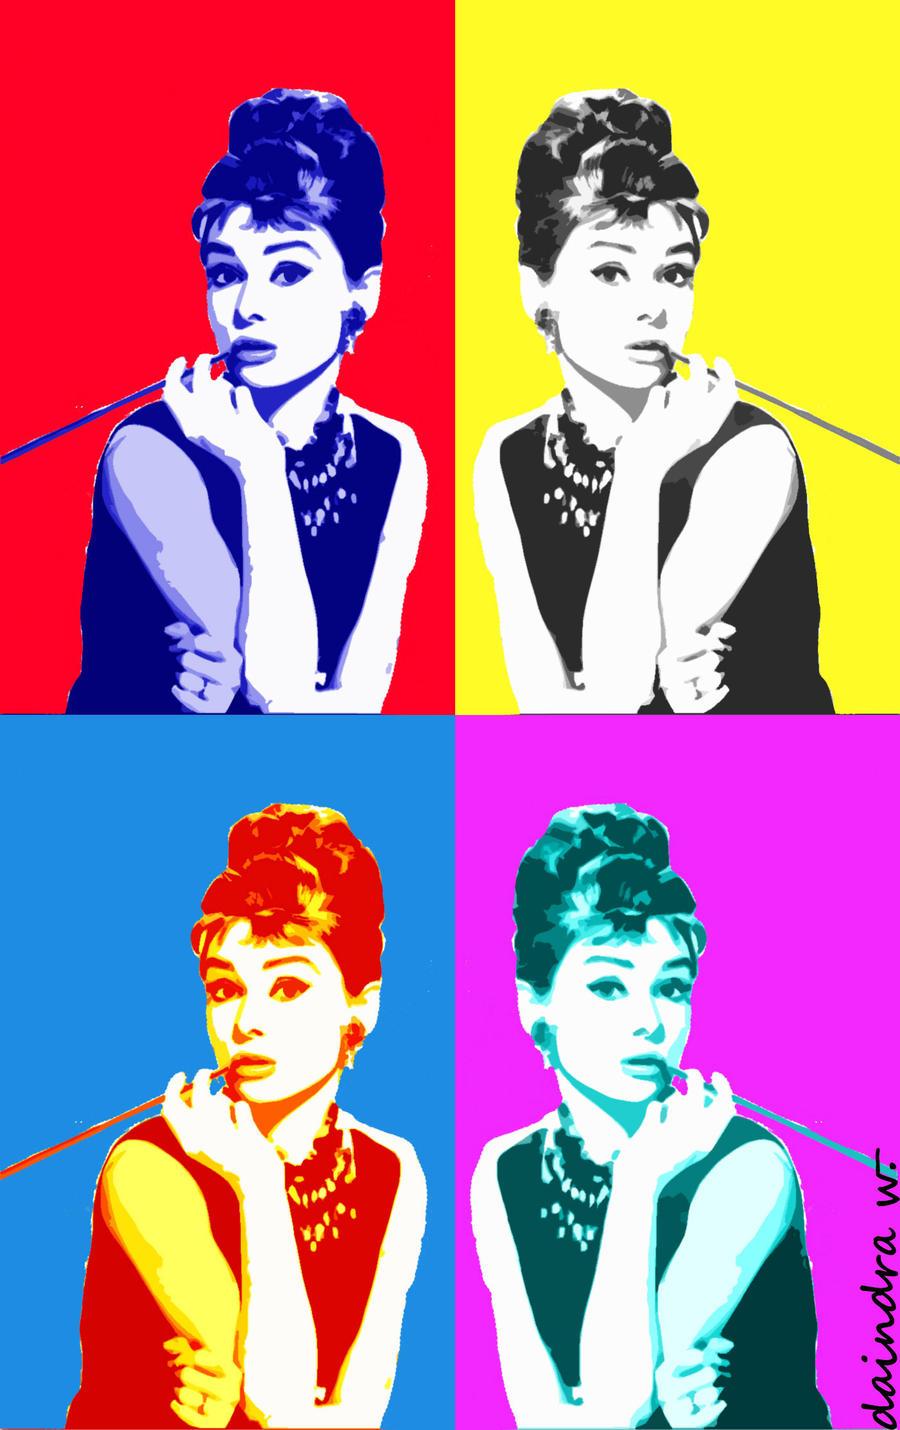 Audrey hepburn pop art by daischinki on deviantart - Cuadros audrey hepburn ...